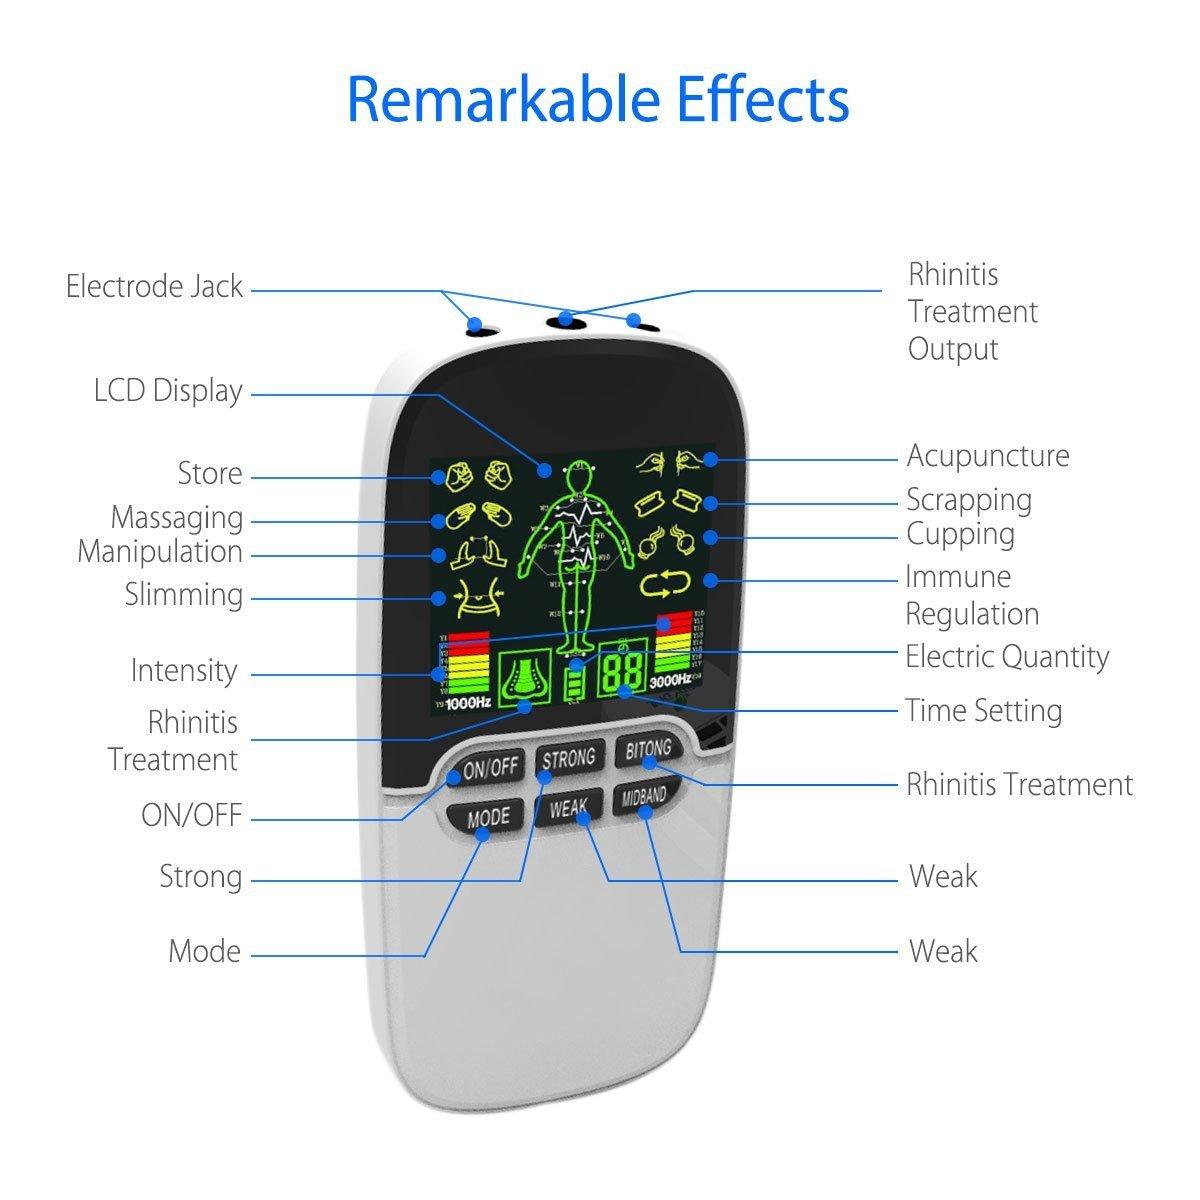 Electrostimulateur Masseur /électrique Appareil amincissant Patch Vibrant /électro-stimulation avec 4 /électrodes /Électrostimulateur Tens pour Soulager,Masseur de dos Tens EMS Soulagement des Douleurs